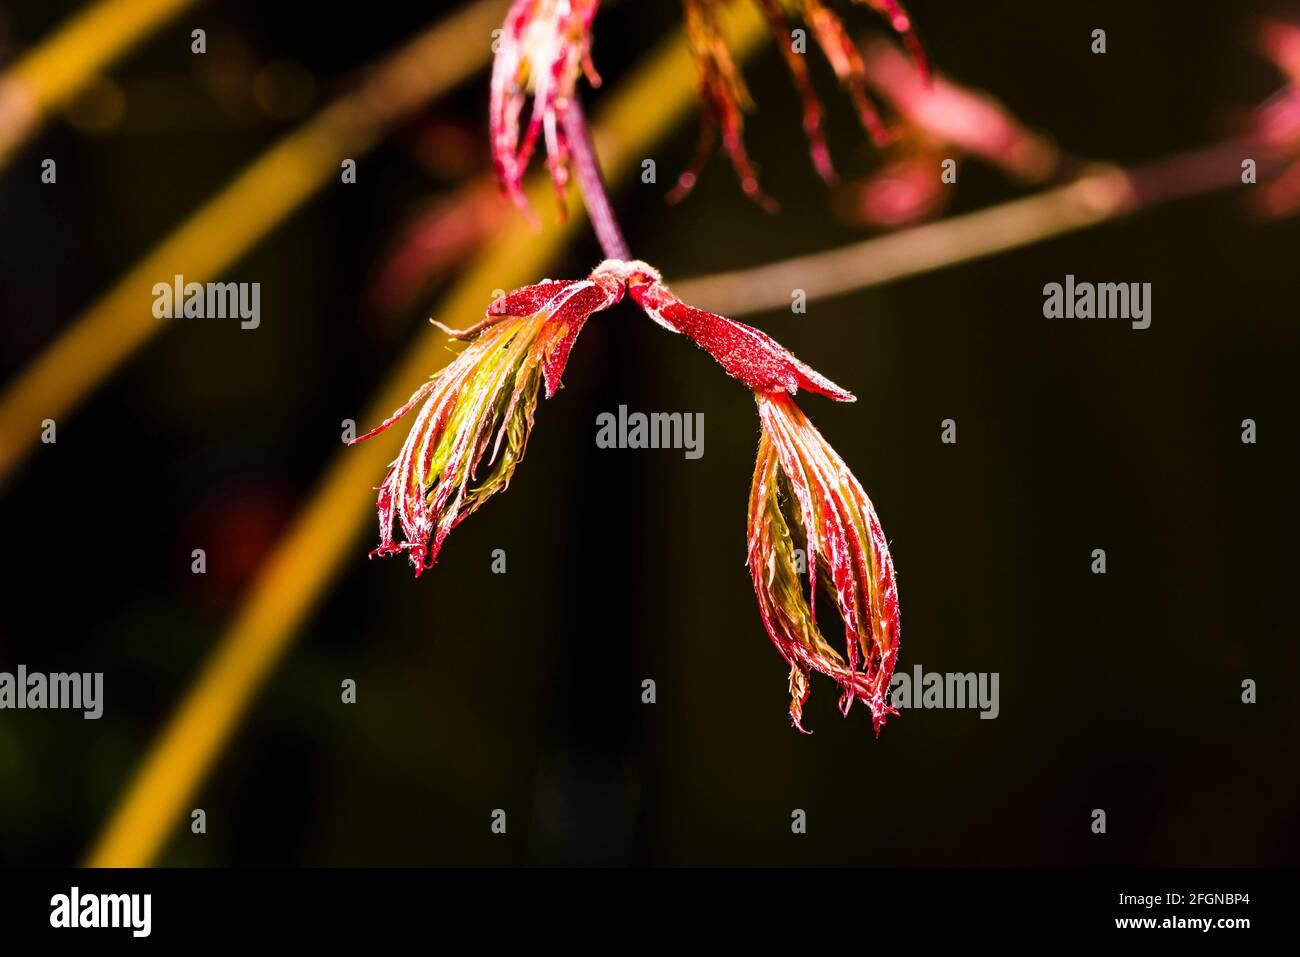 Primer plano de una hoja de apertura en un árbol 'Bloodgood' Acer Palmatum en un jardín de primavera del norte de Londres, Londres, Reino Unido Foto de stock